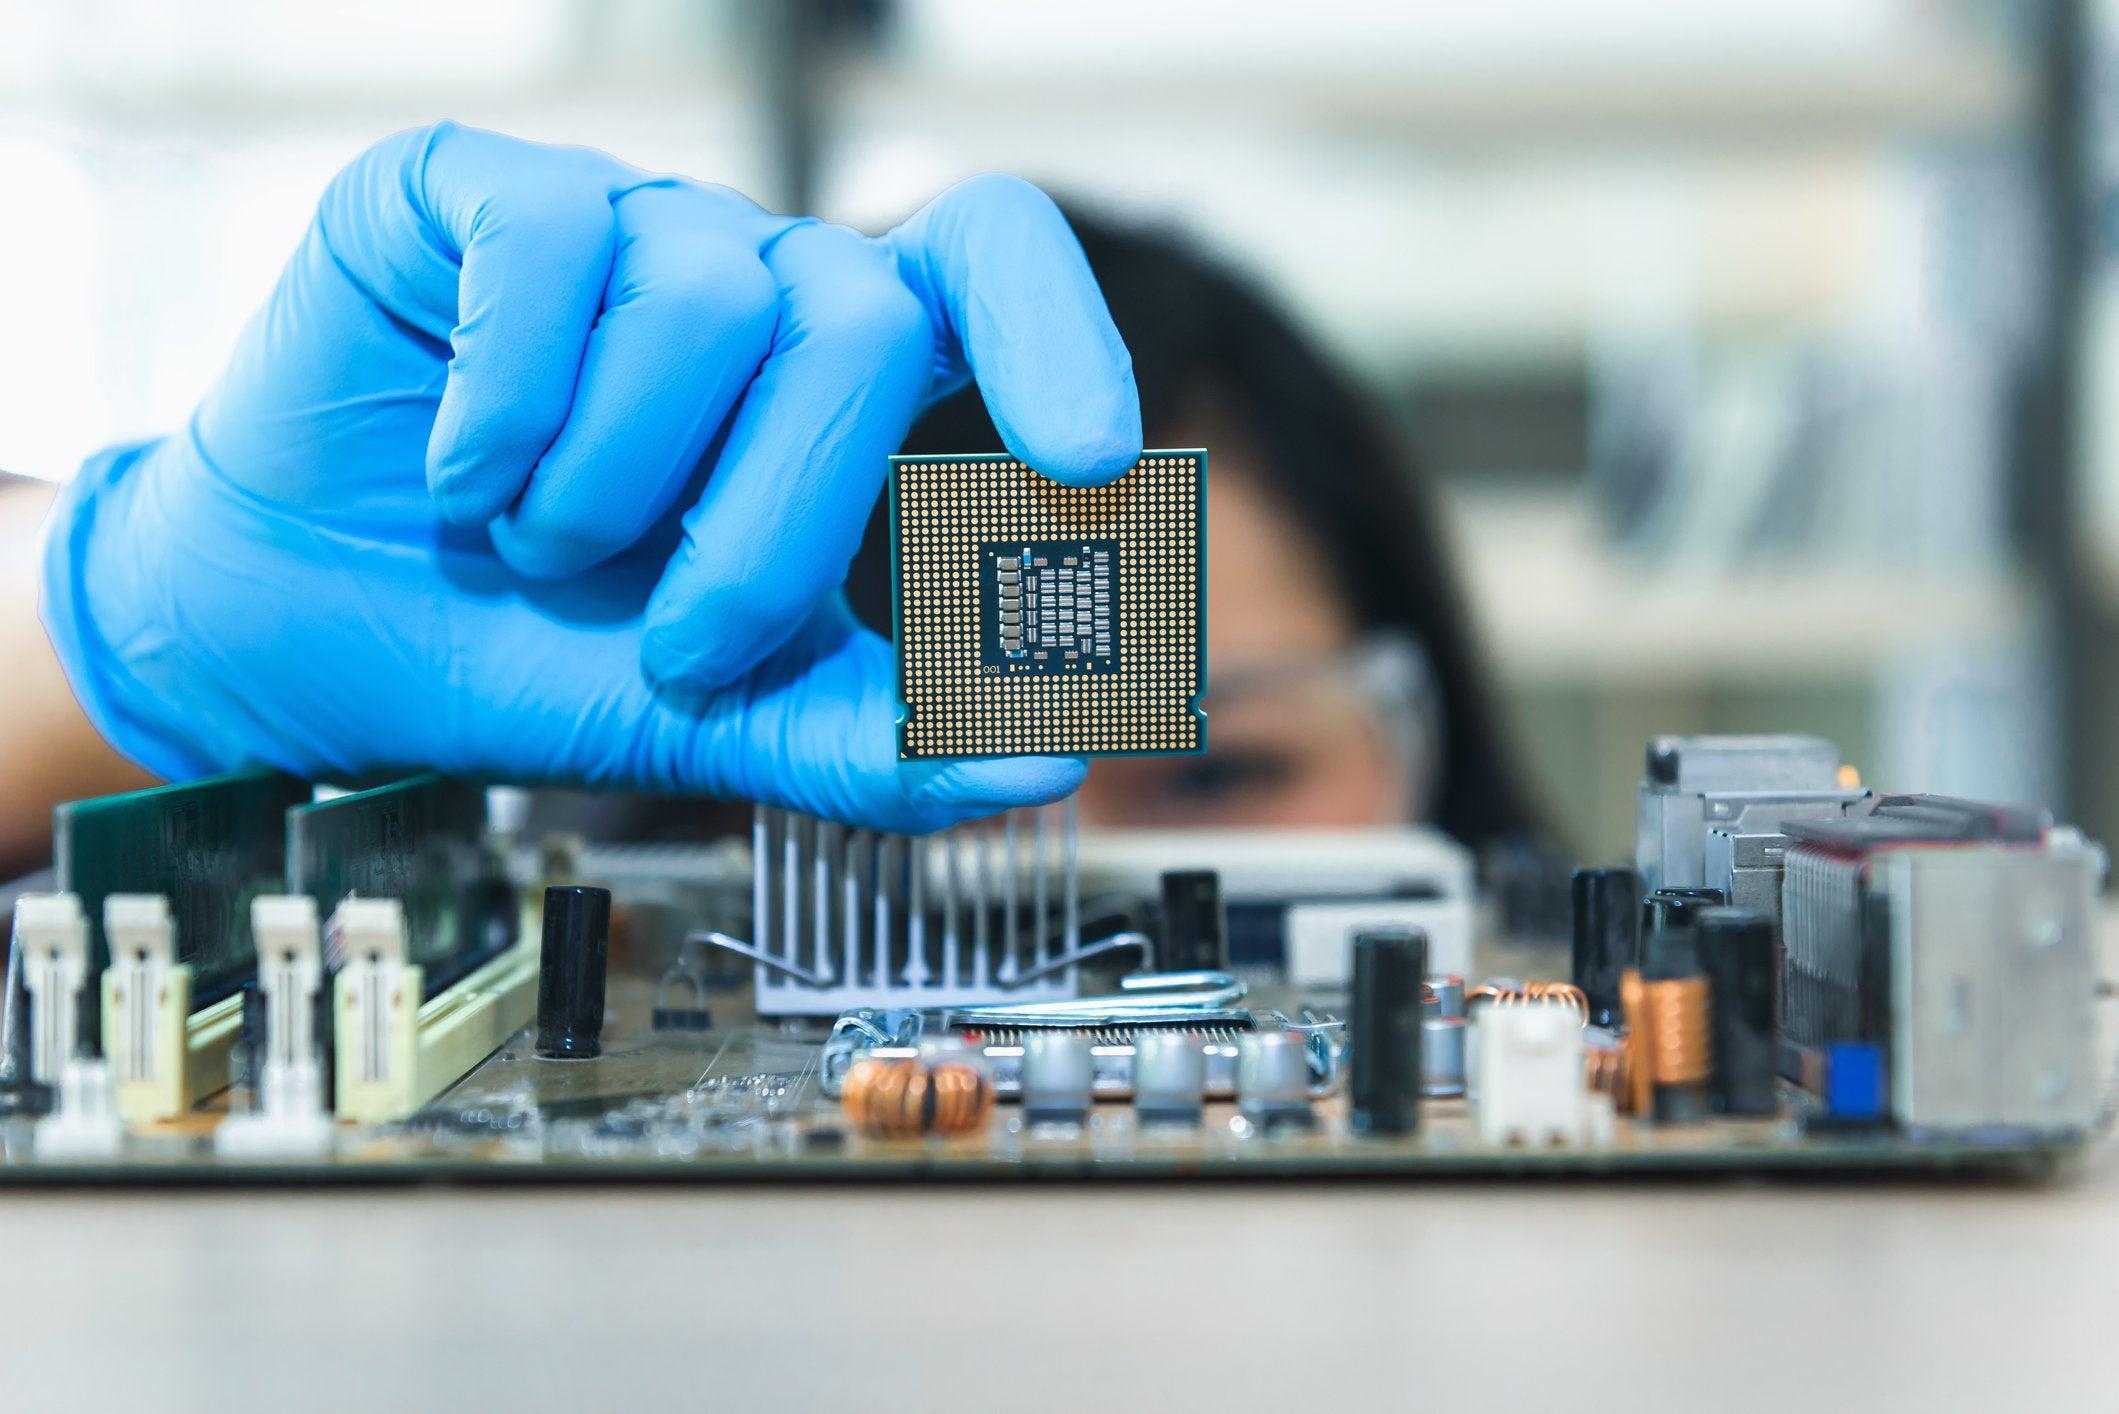 Falta de chips afeta a indústria